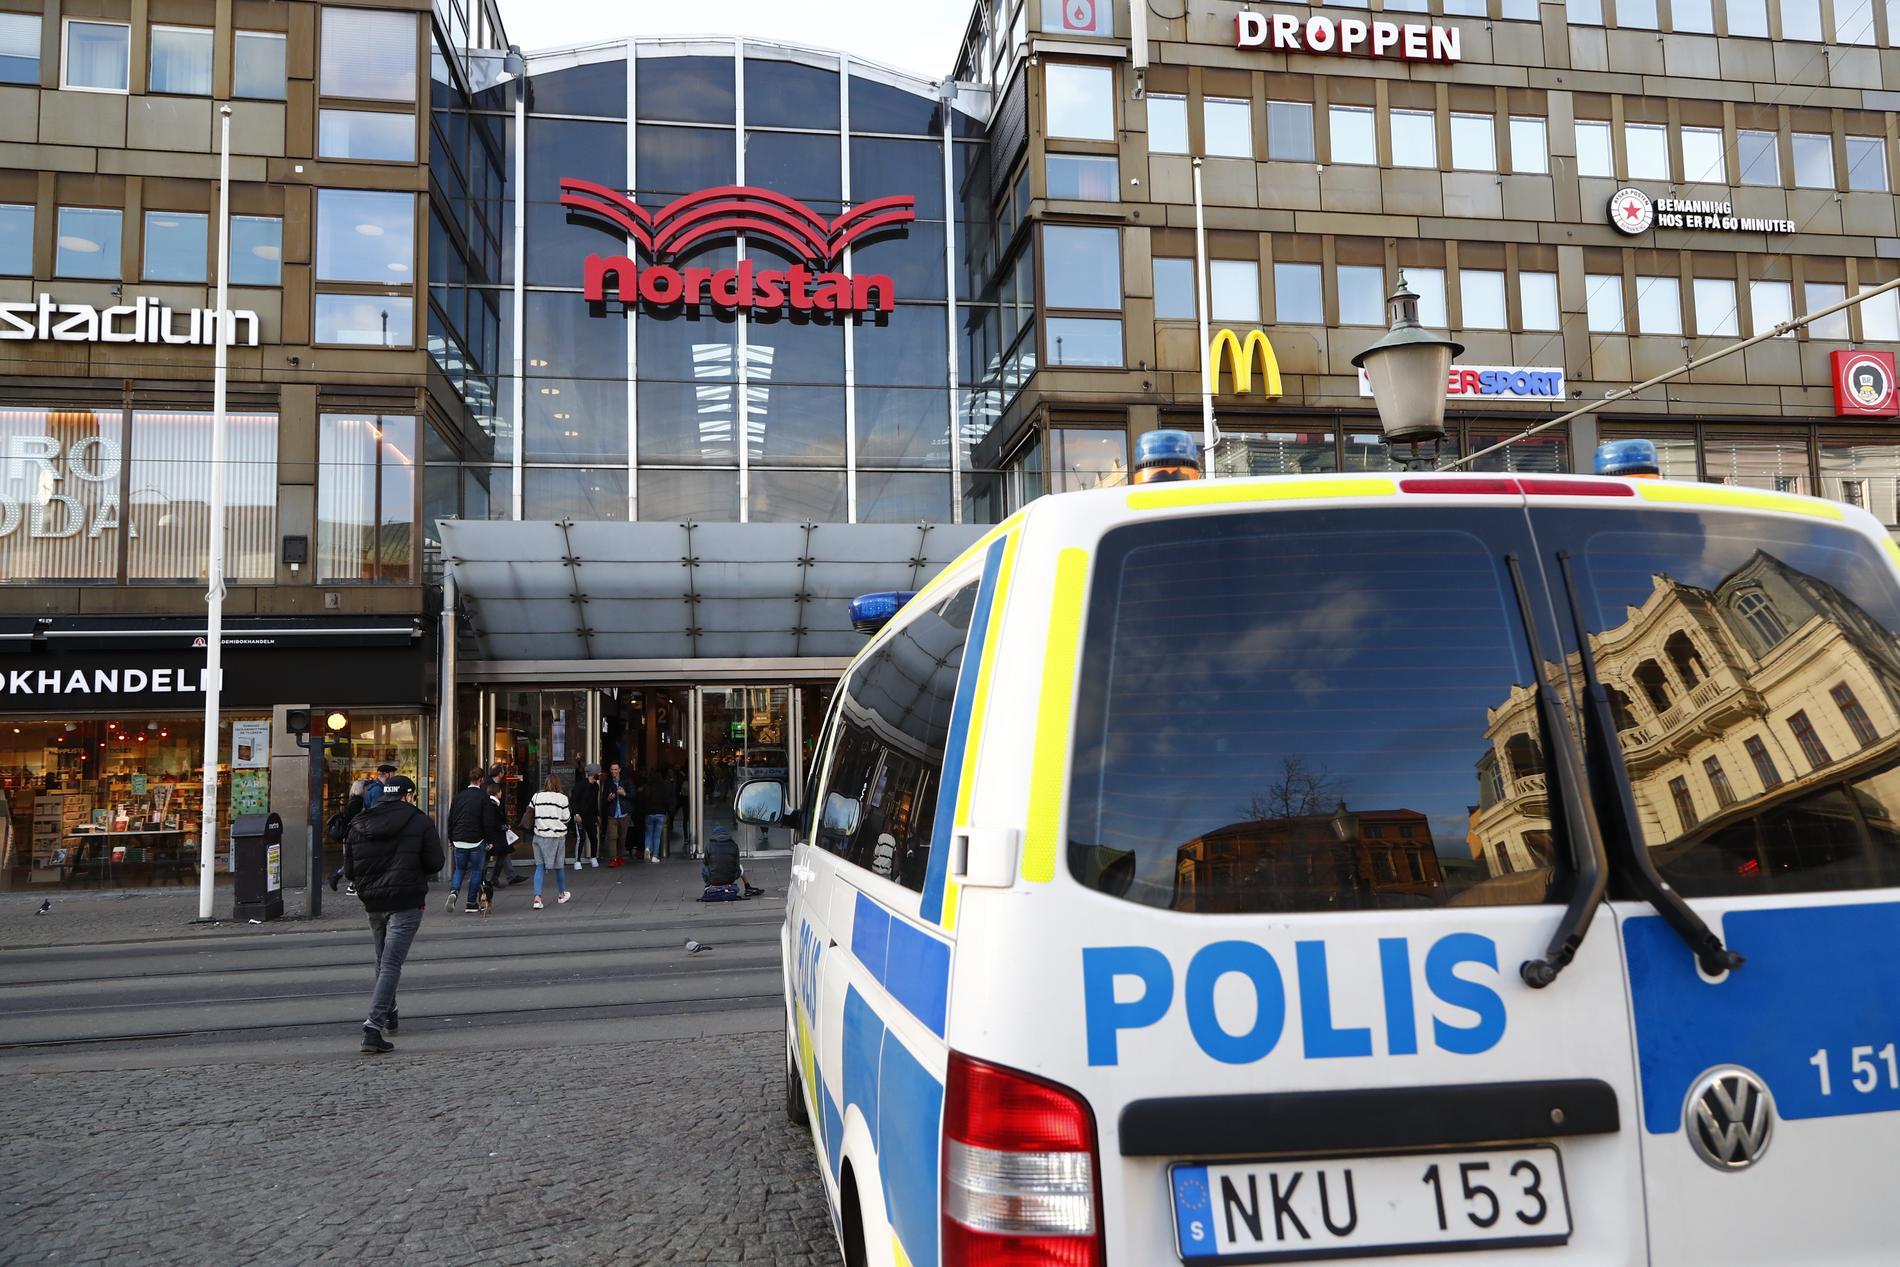 En man åtalas, misstänkt för bland annat mord, efter en knivattack nära Nordstan i centrala Göteborg i höstas. Arkivbild.